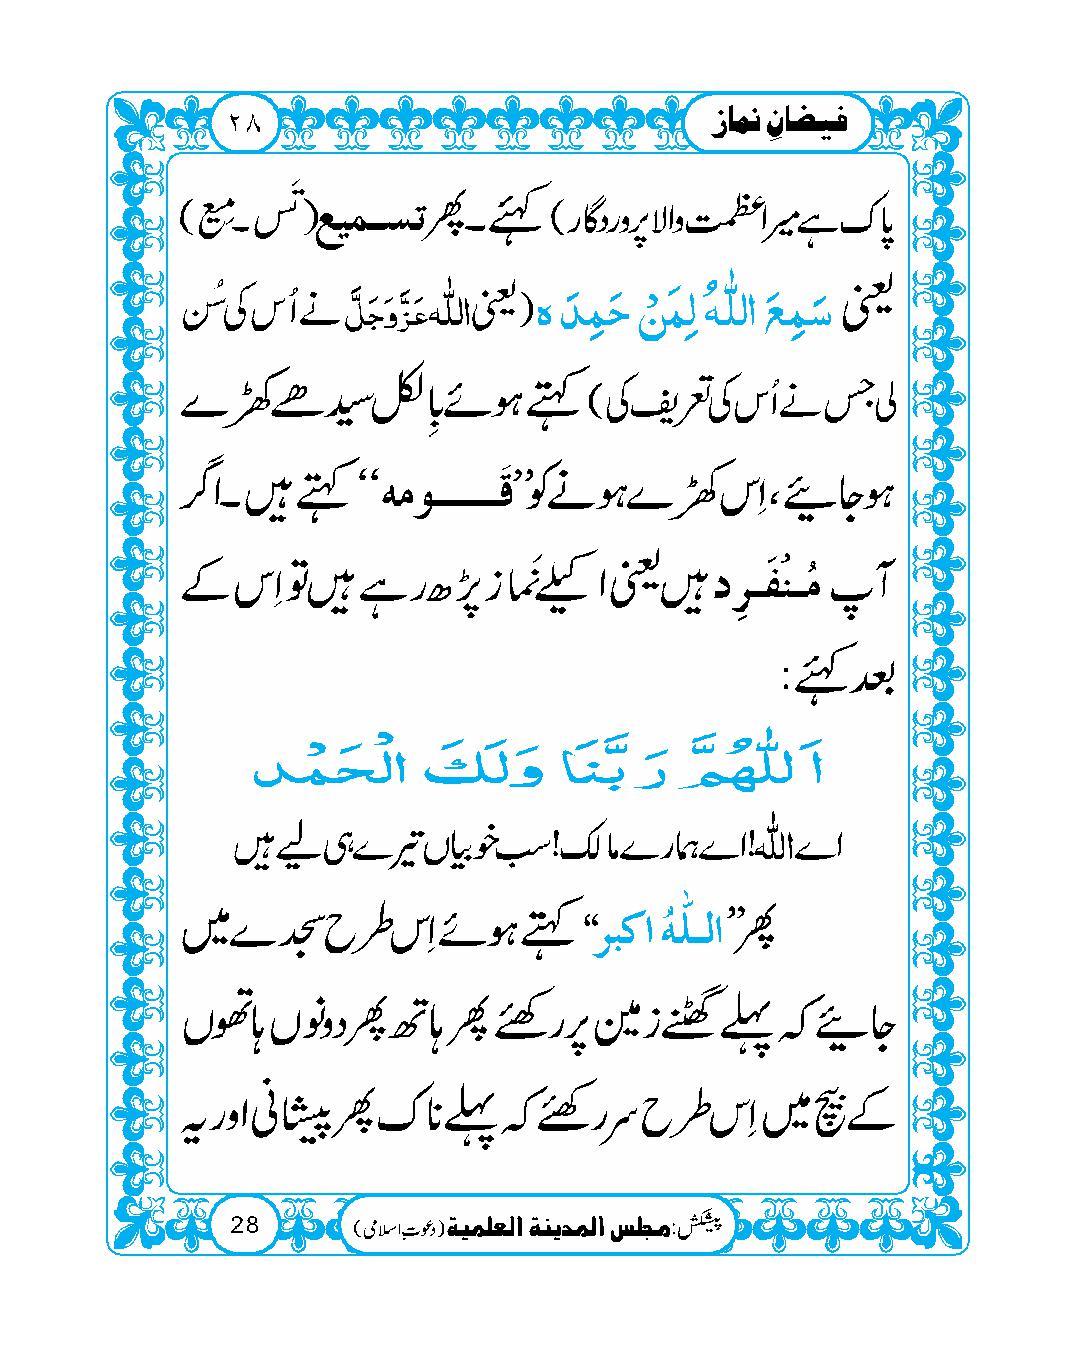 page No 28